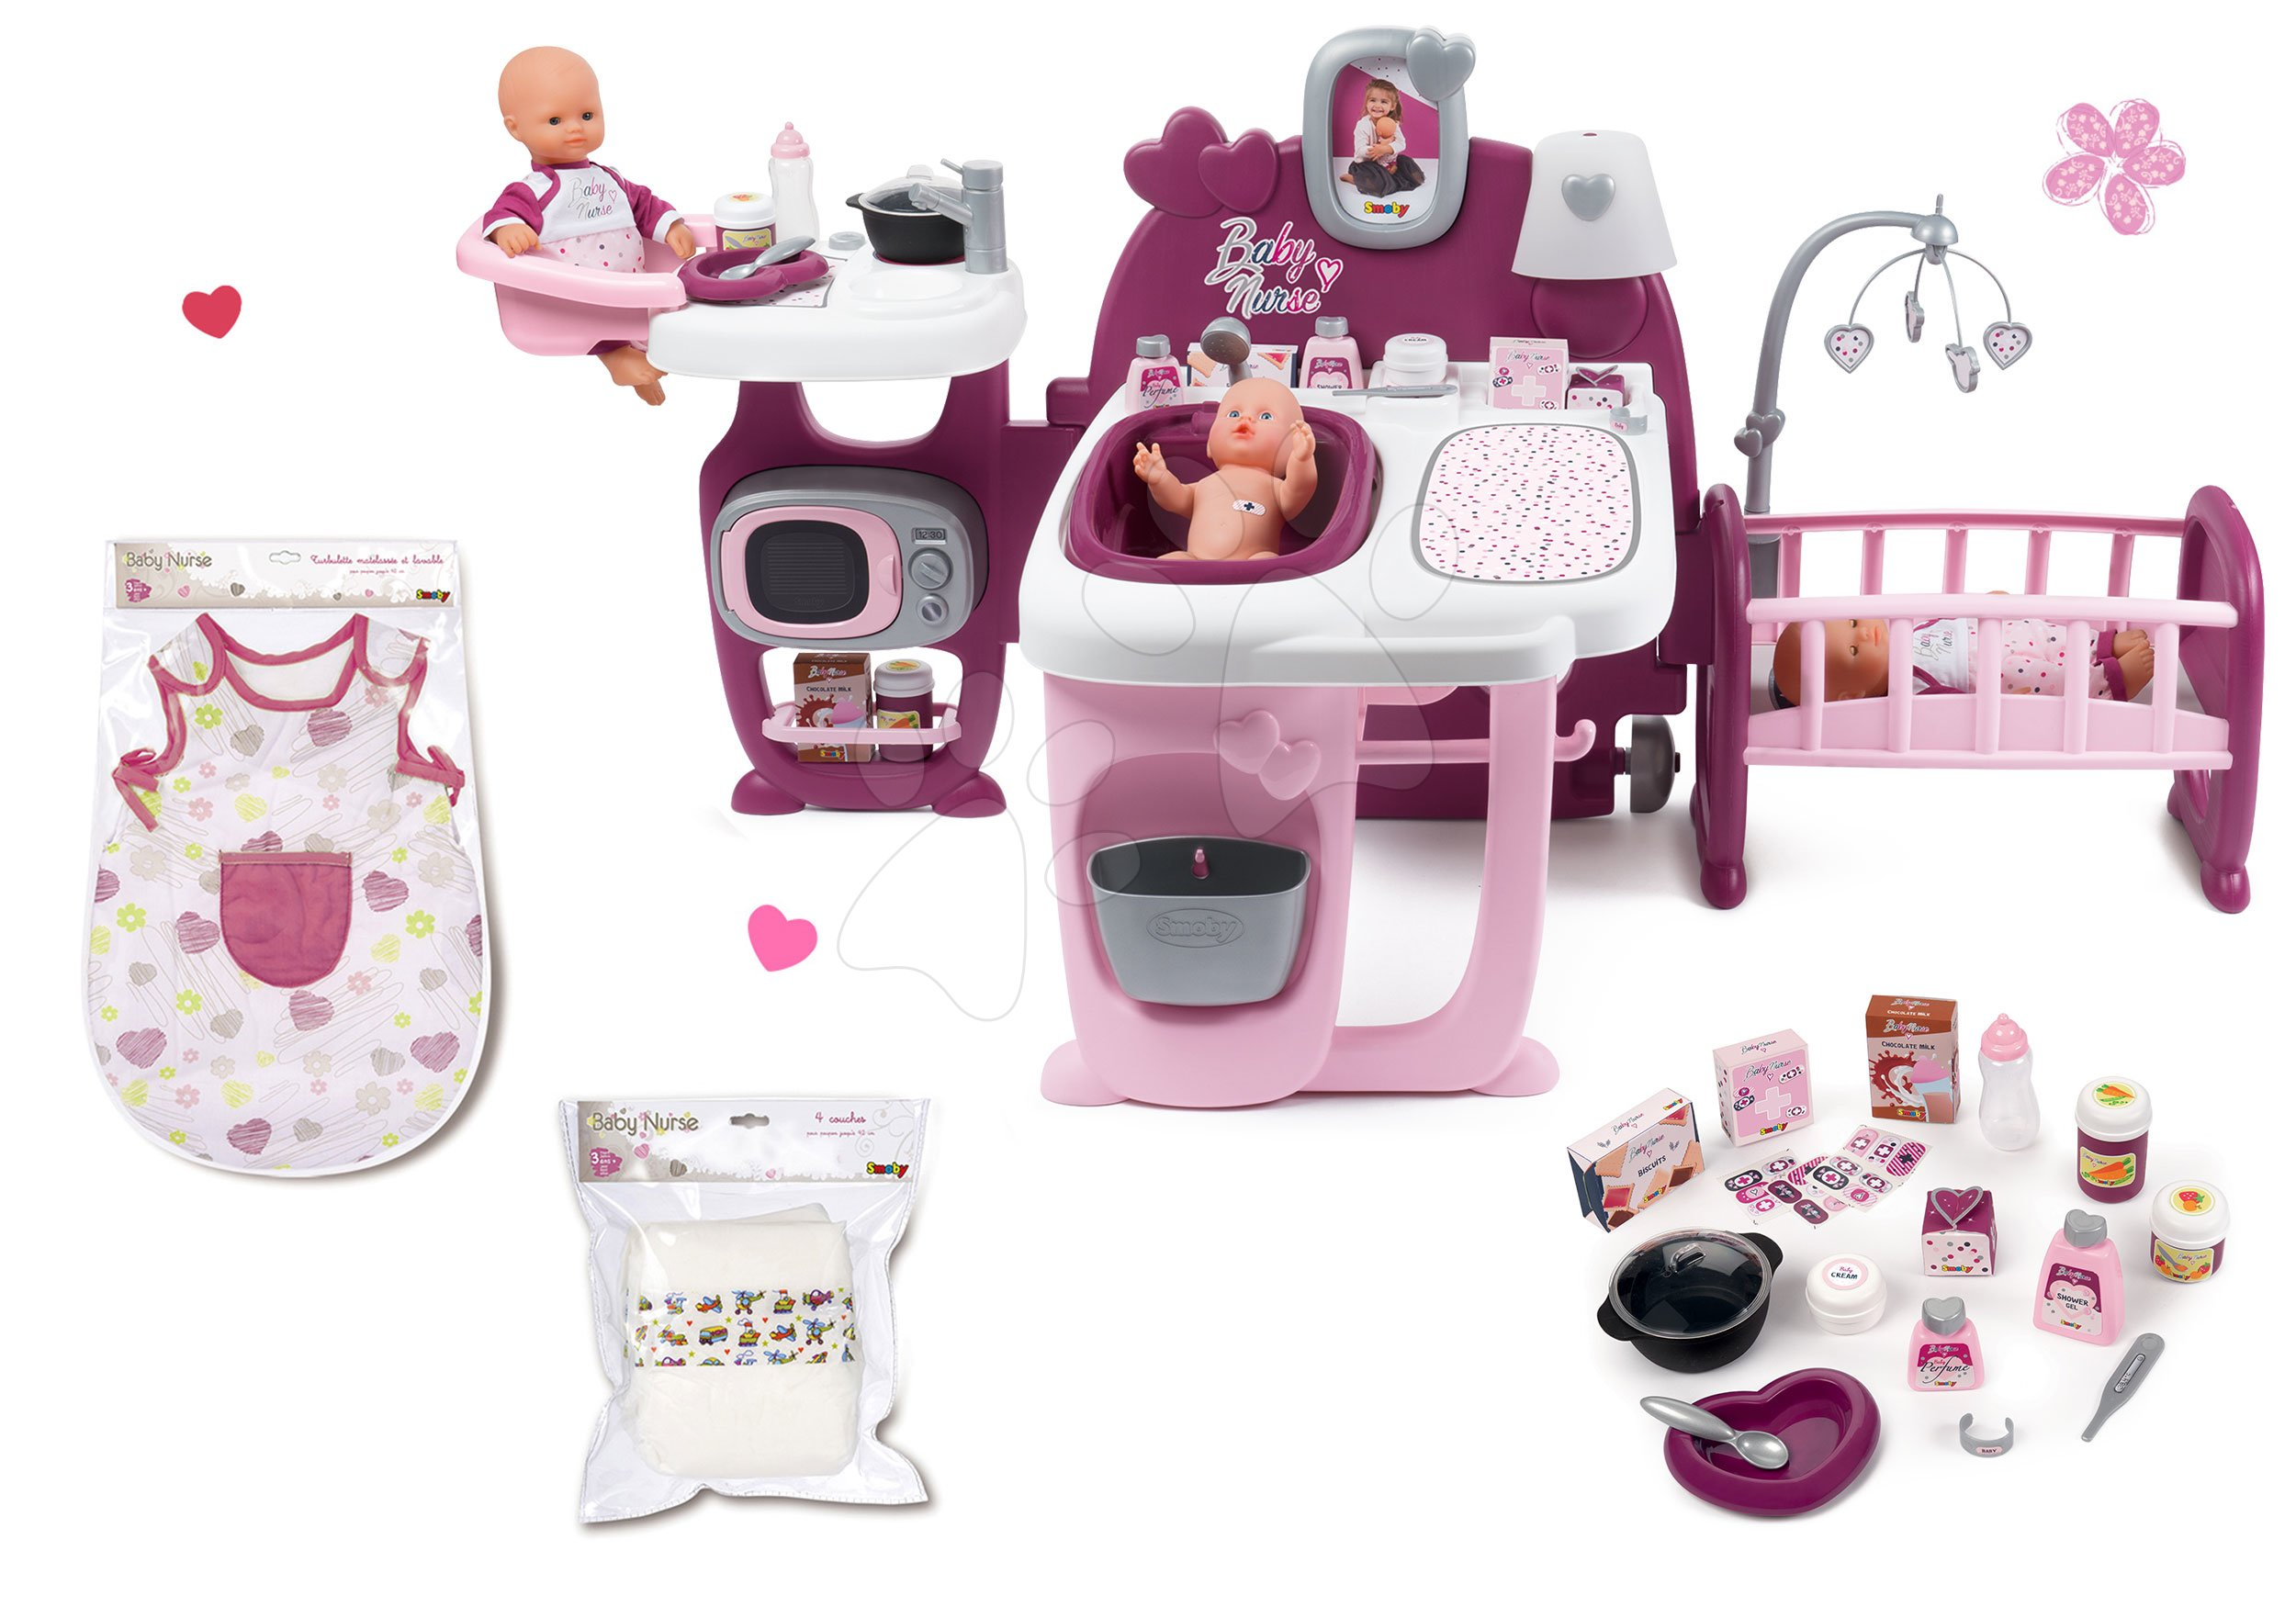 Căsuță pentru păpușă Baby Nurse Doll's Play Center Smoby și echipament de noapte cu scutece